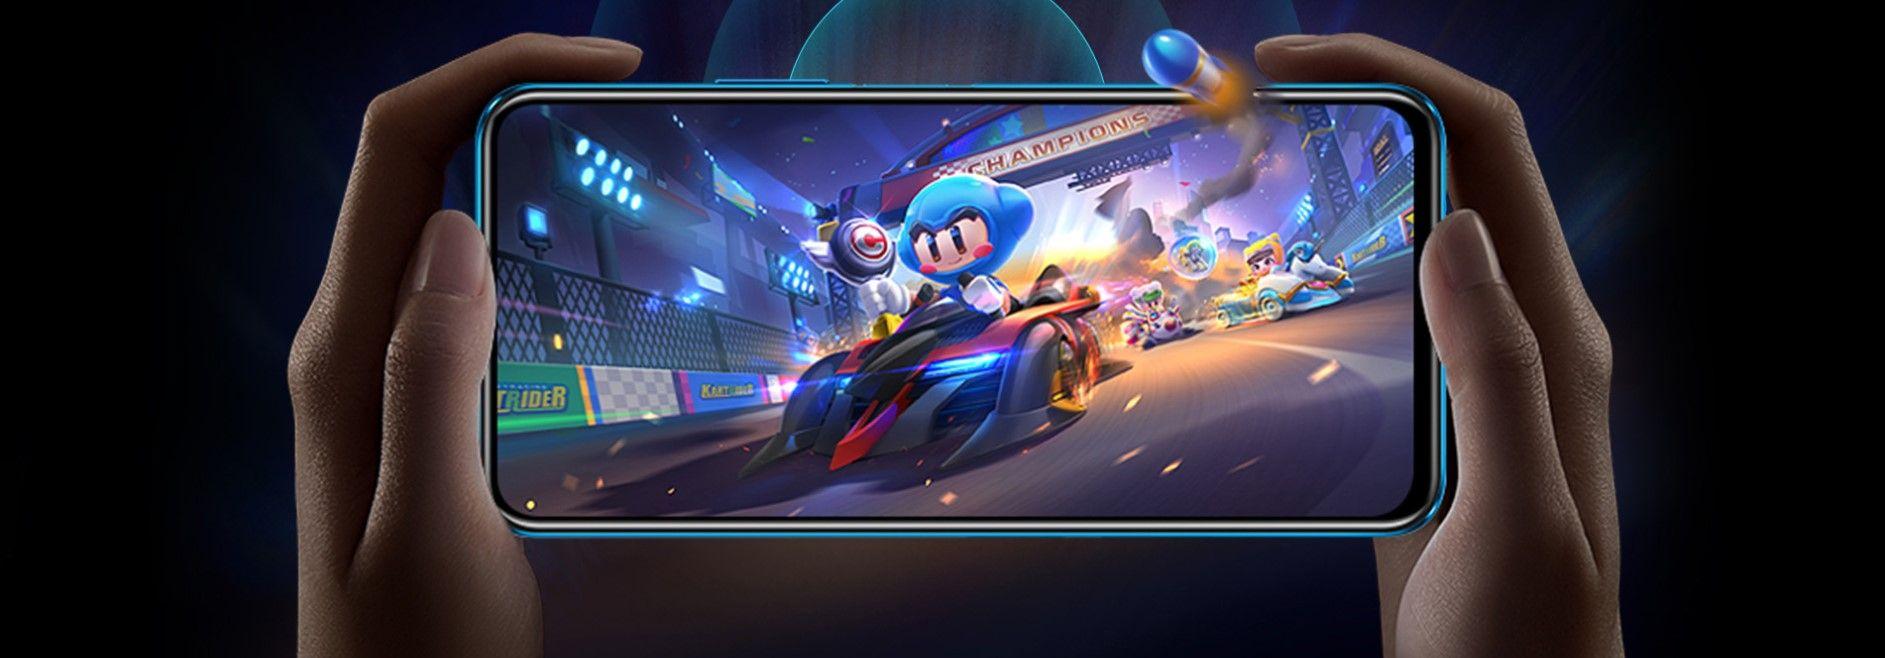 Honor X10 экран 90 герц